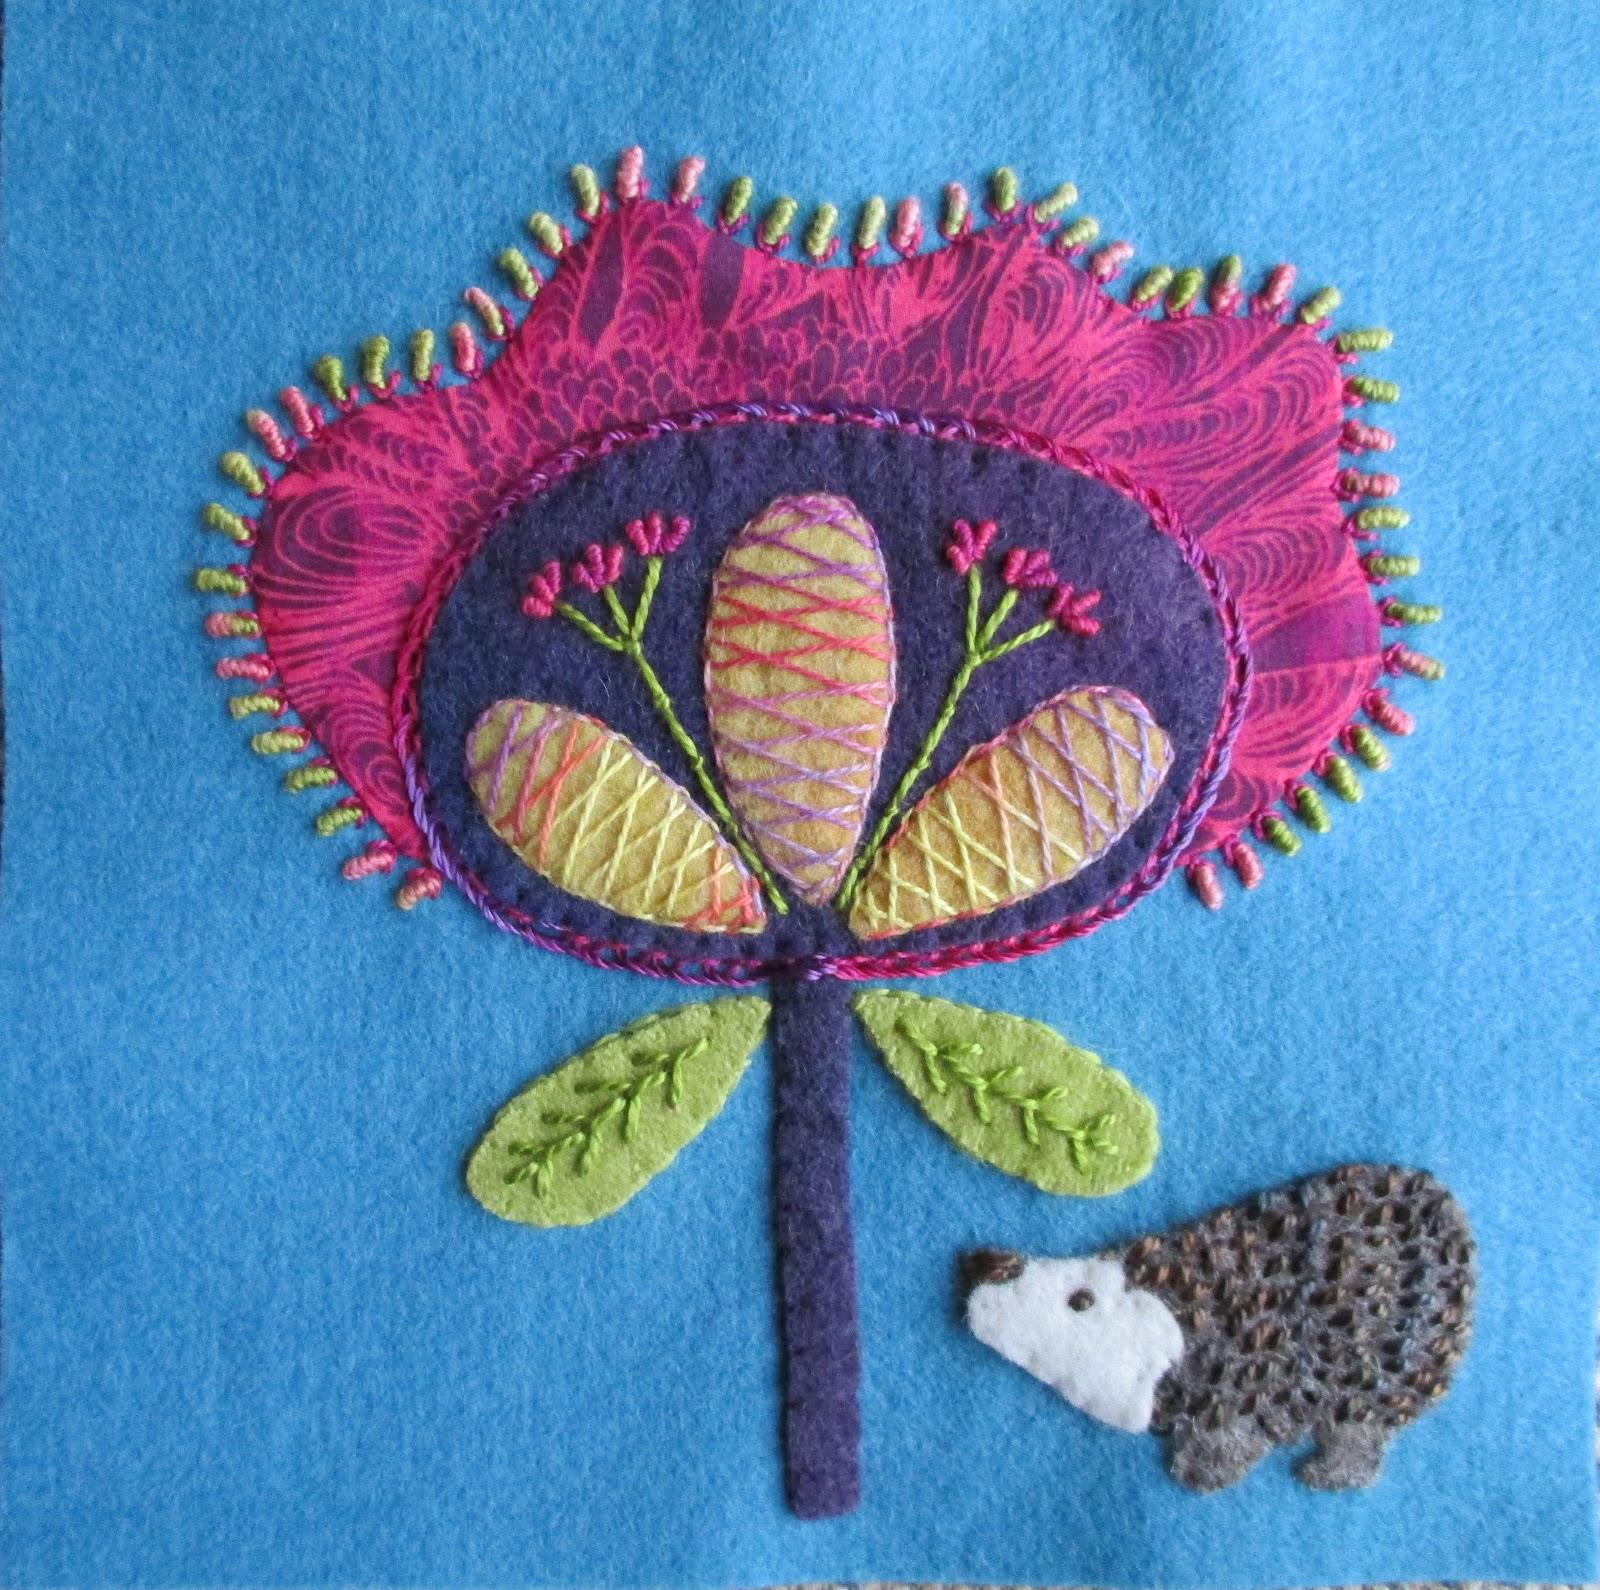 Stitch and sew - 1 5